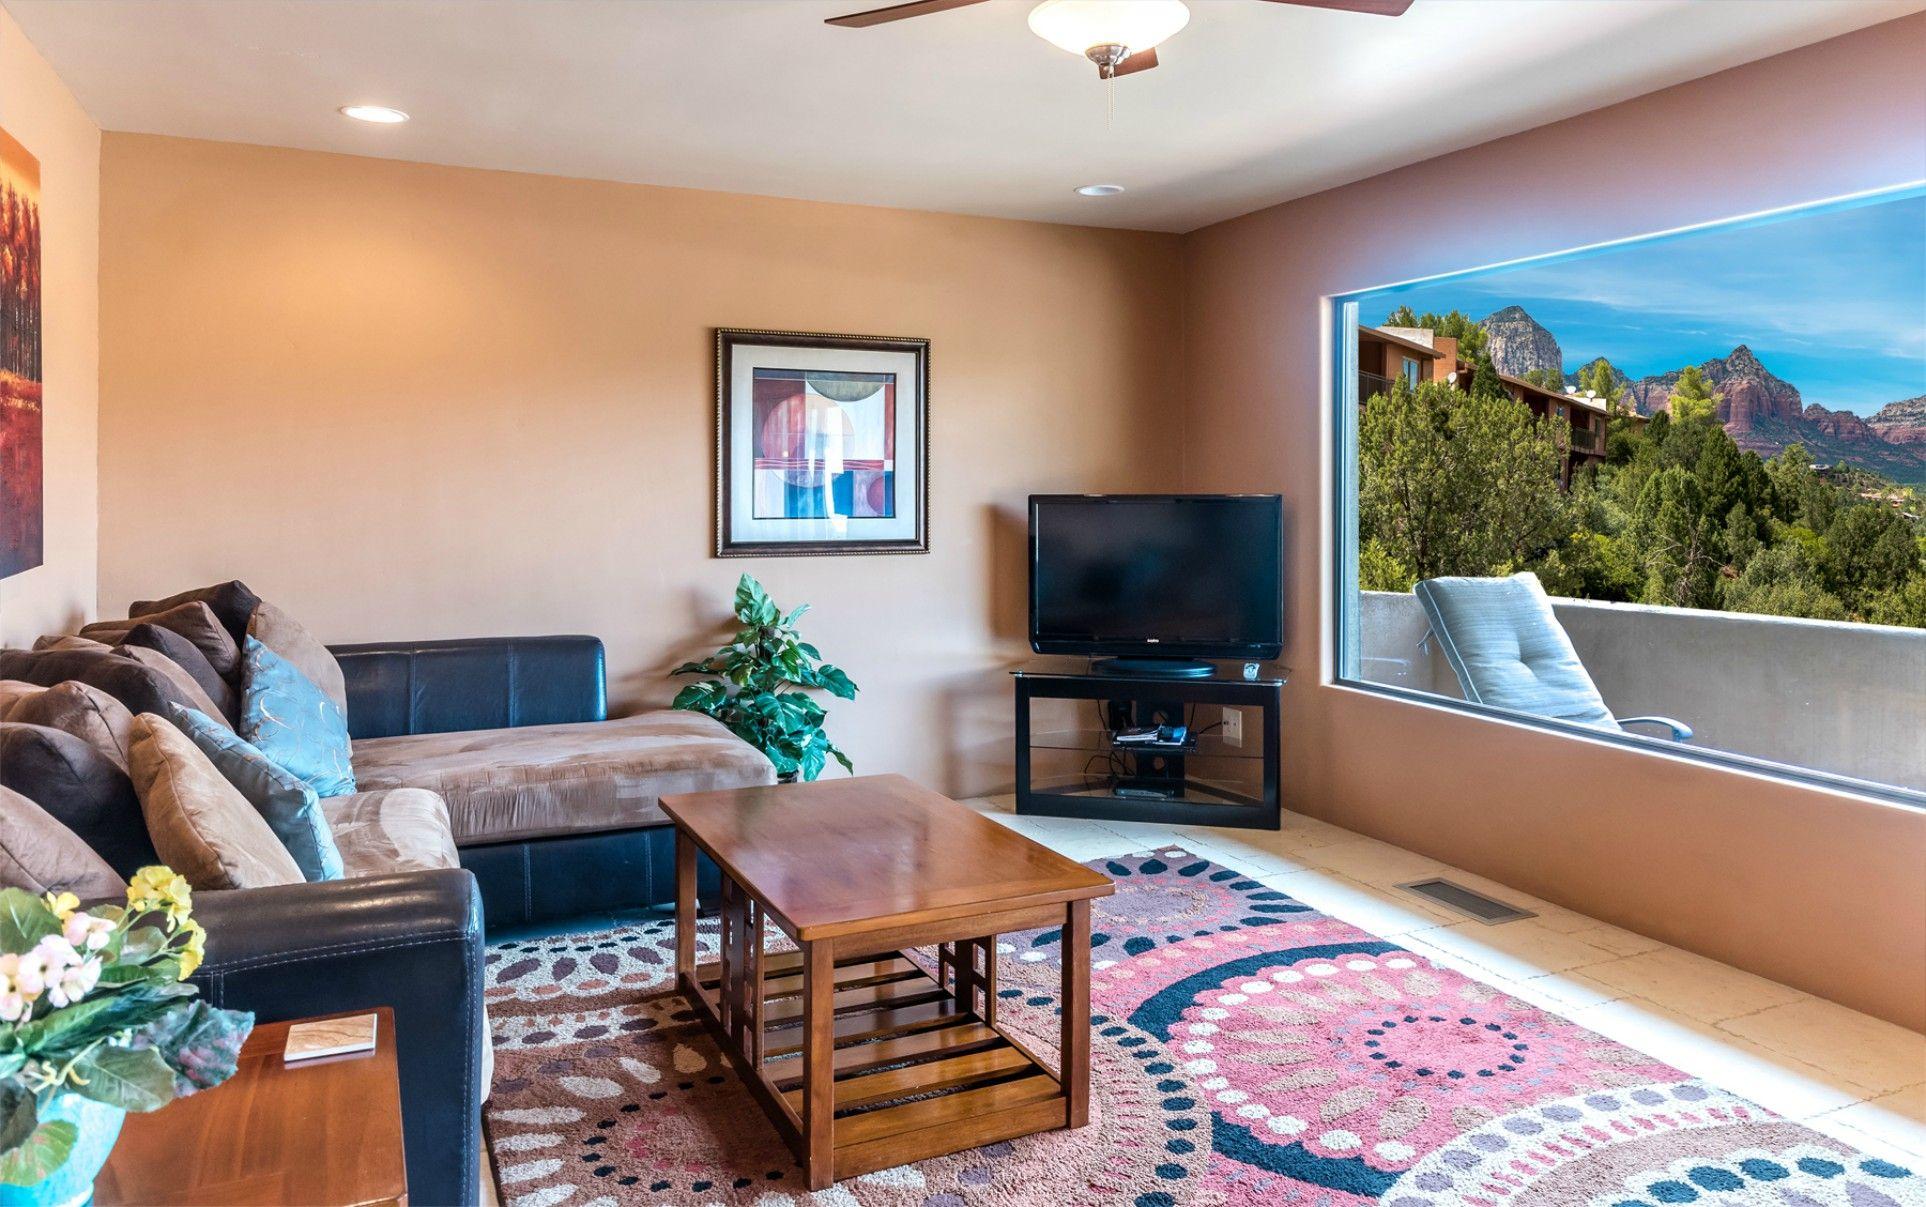 83cc035e87dfaf411d4c31a0acad5ea3 - Rock Creek Gardens Condos For Rent